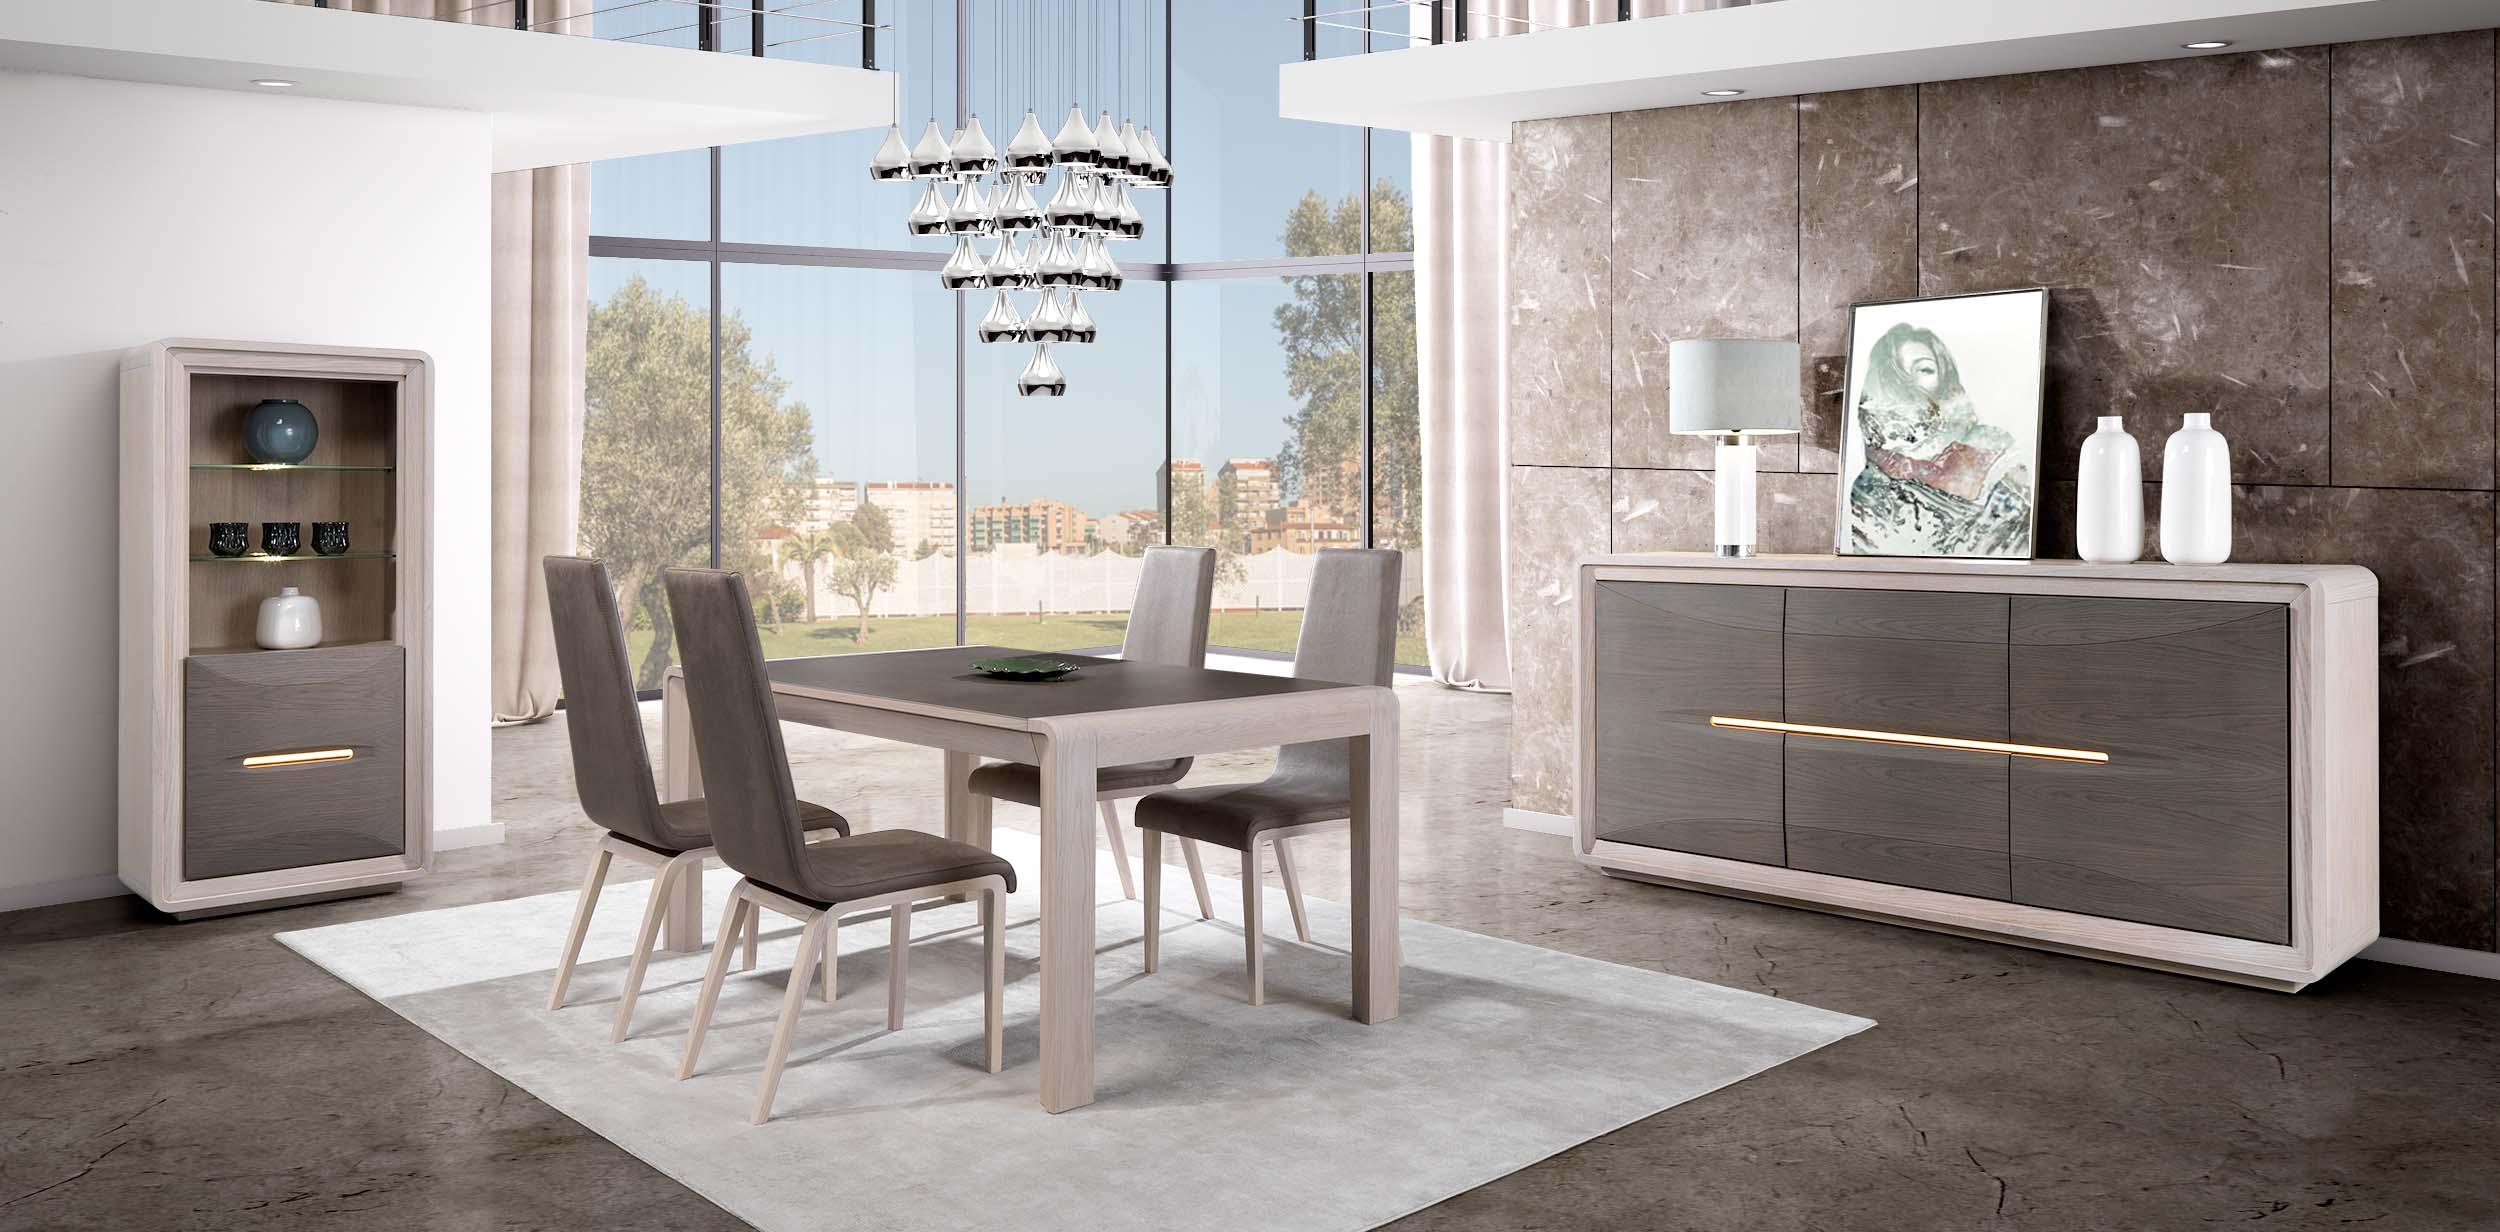 Cacio salle a manger meuble neptune meubles gibaud for Des salles a manger